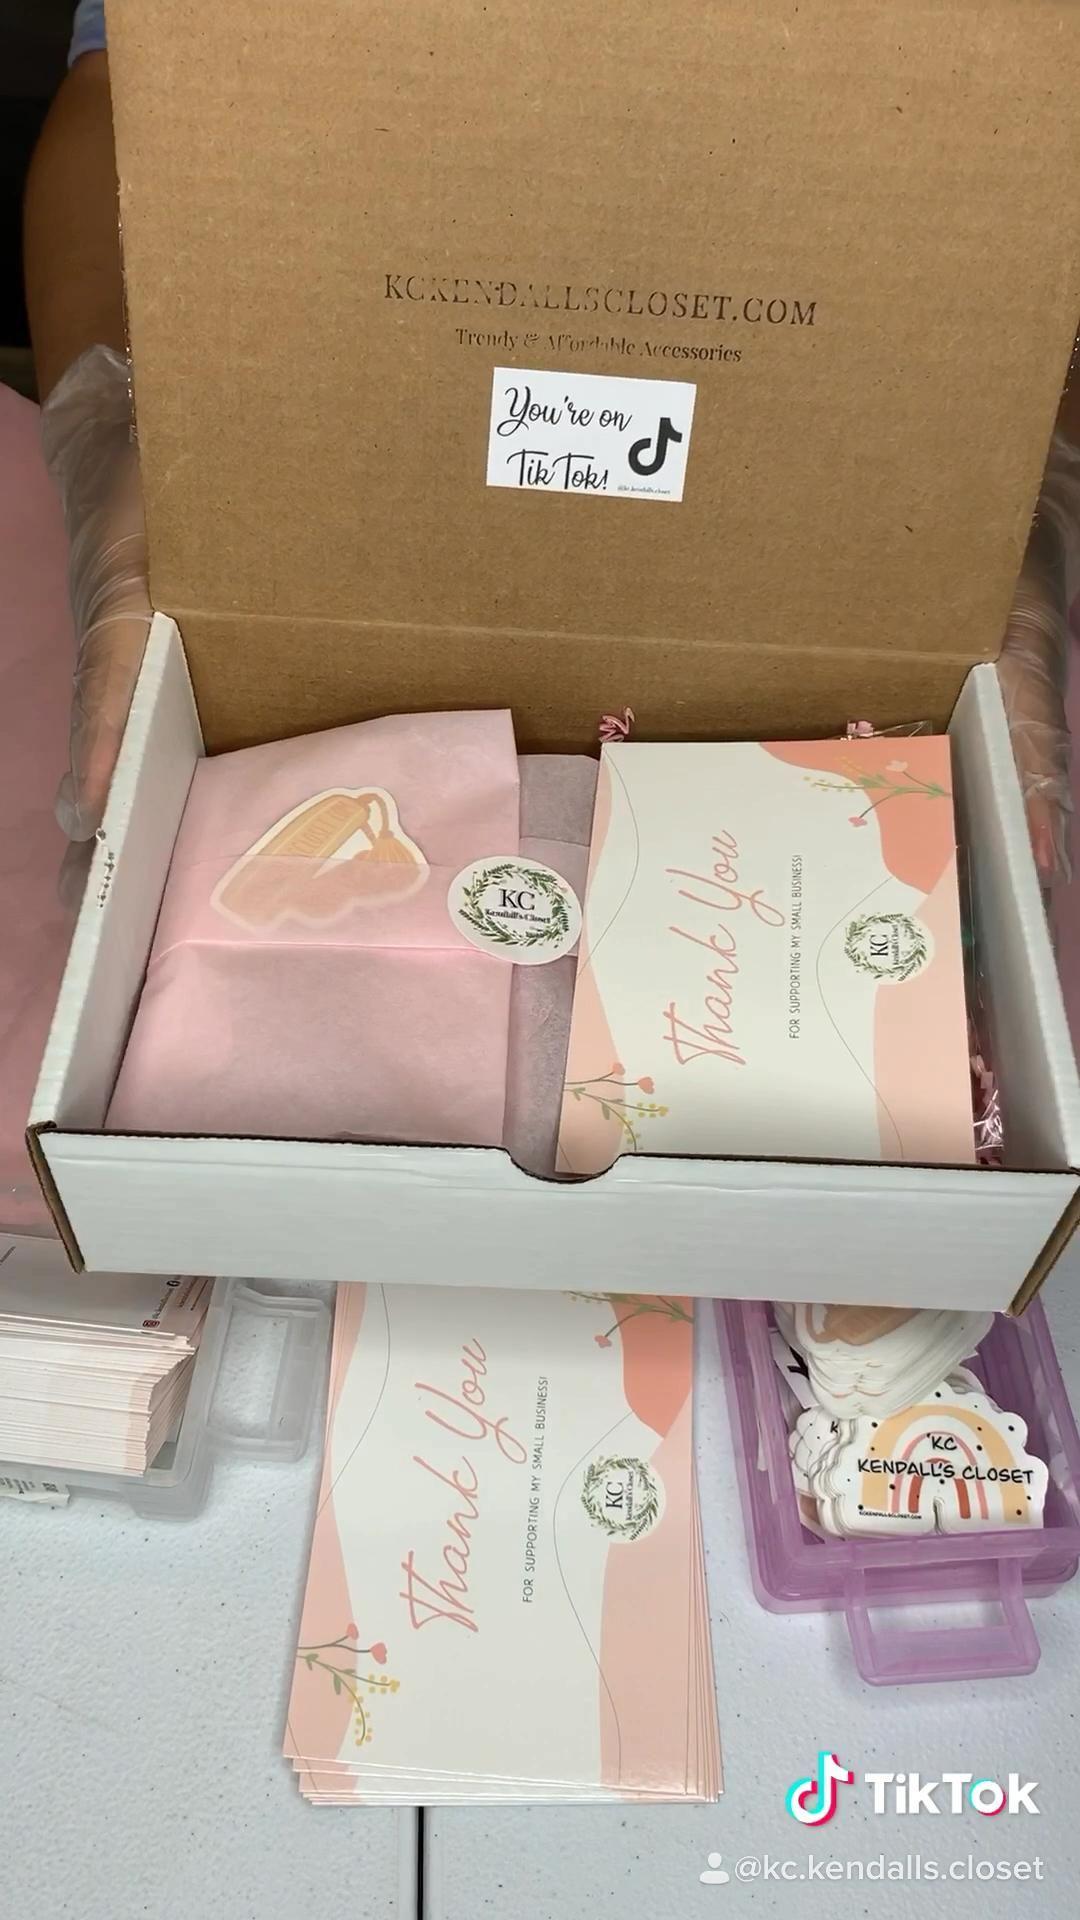 Packaging Orders On Tiktok Video Small Business Packaging Ideas Packaging Ideas Business Small Business Packaging